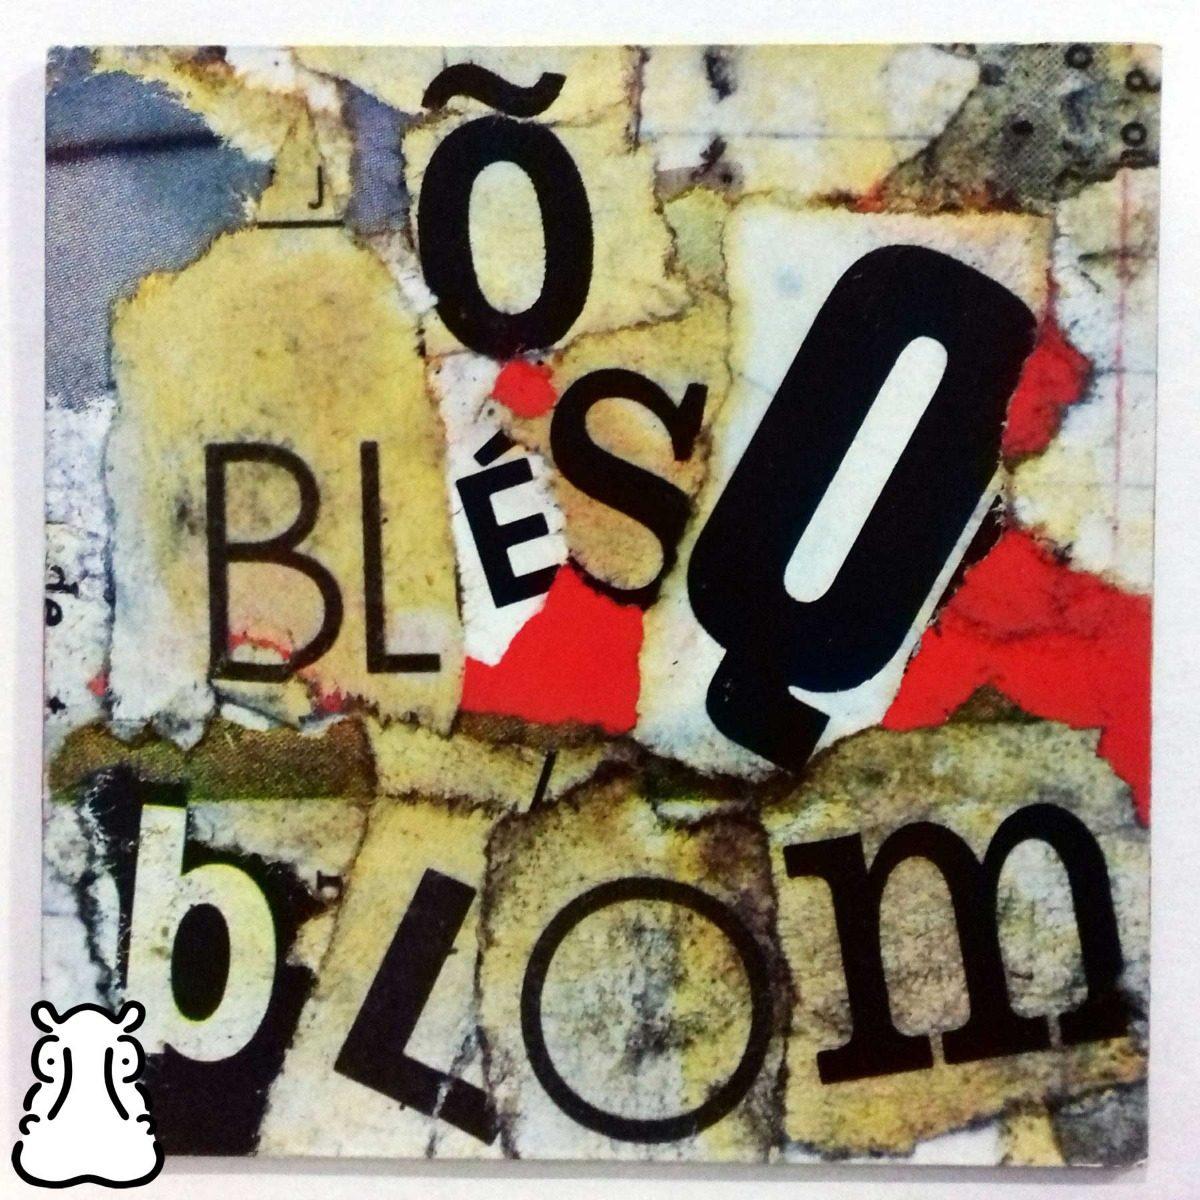 blesq blom